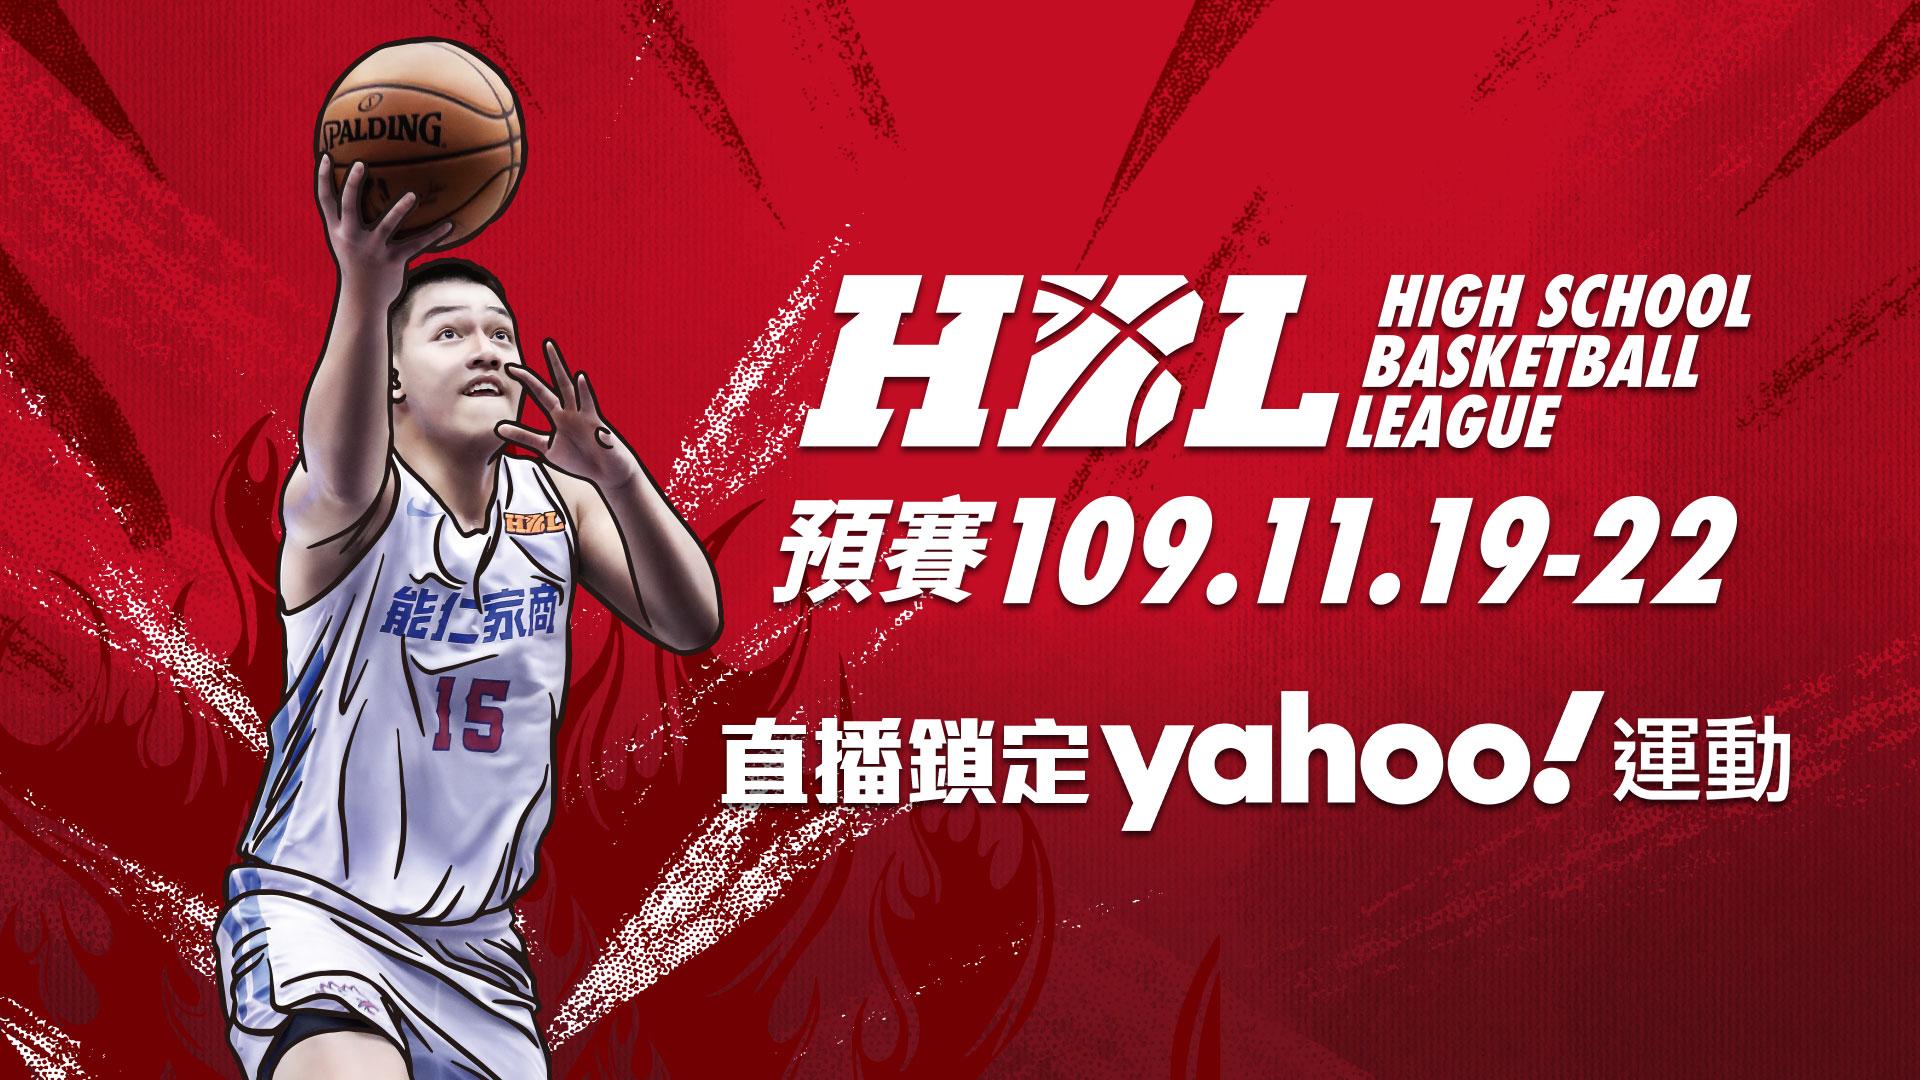 【Yahoo直播賽事】熱血激鬥勇不設限!HBL高中籃球聯賽直播鎖定Yahoo